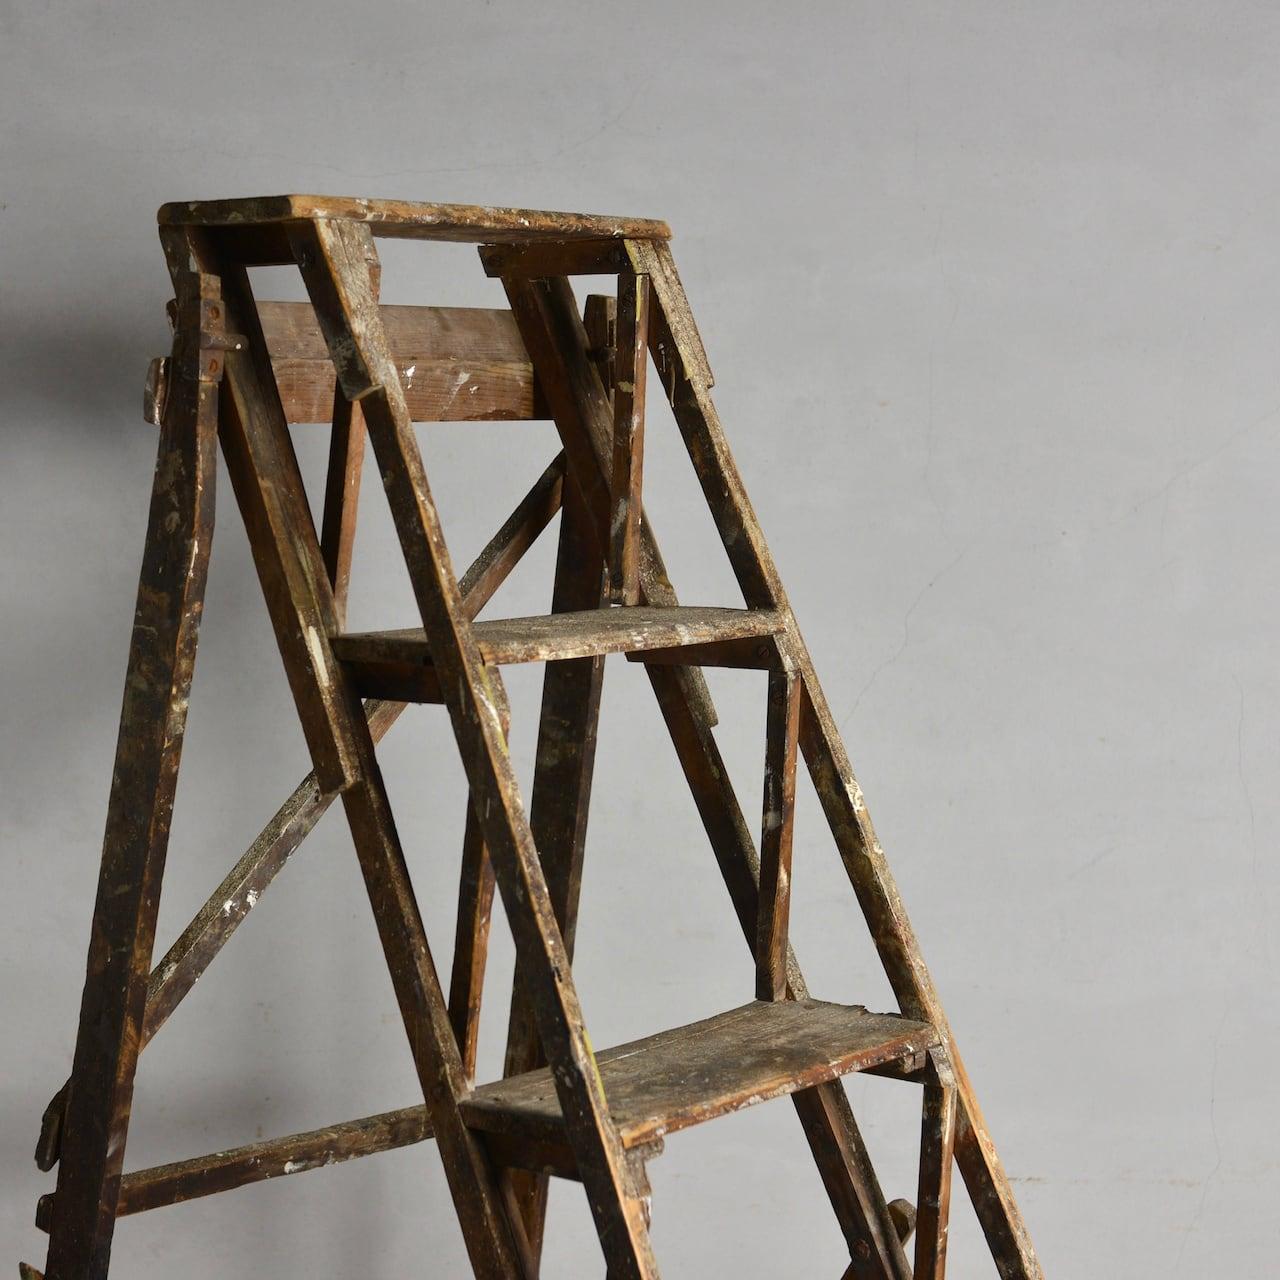 Ladder / ラダー 〈はしご・脚立・什器〉1806-0025